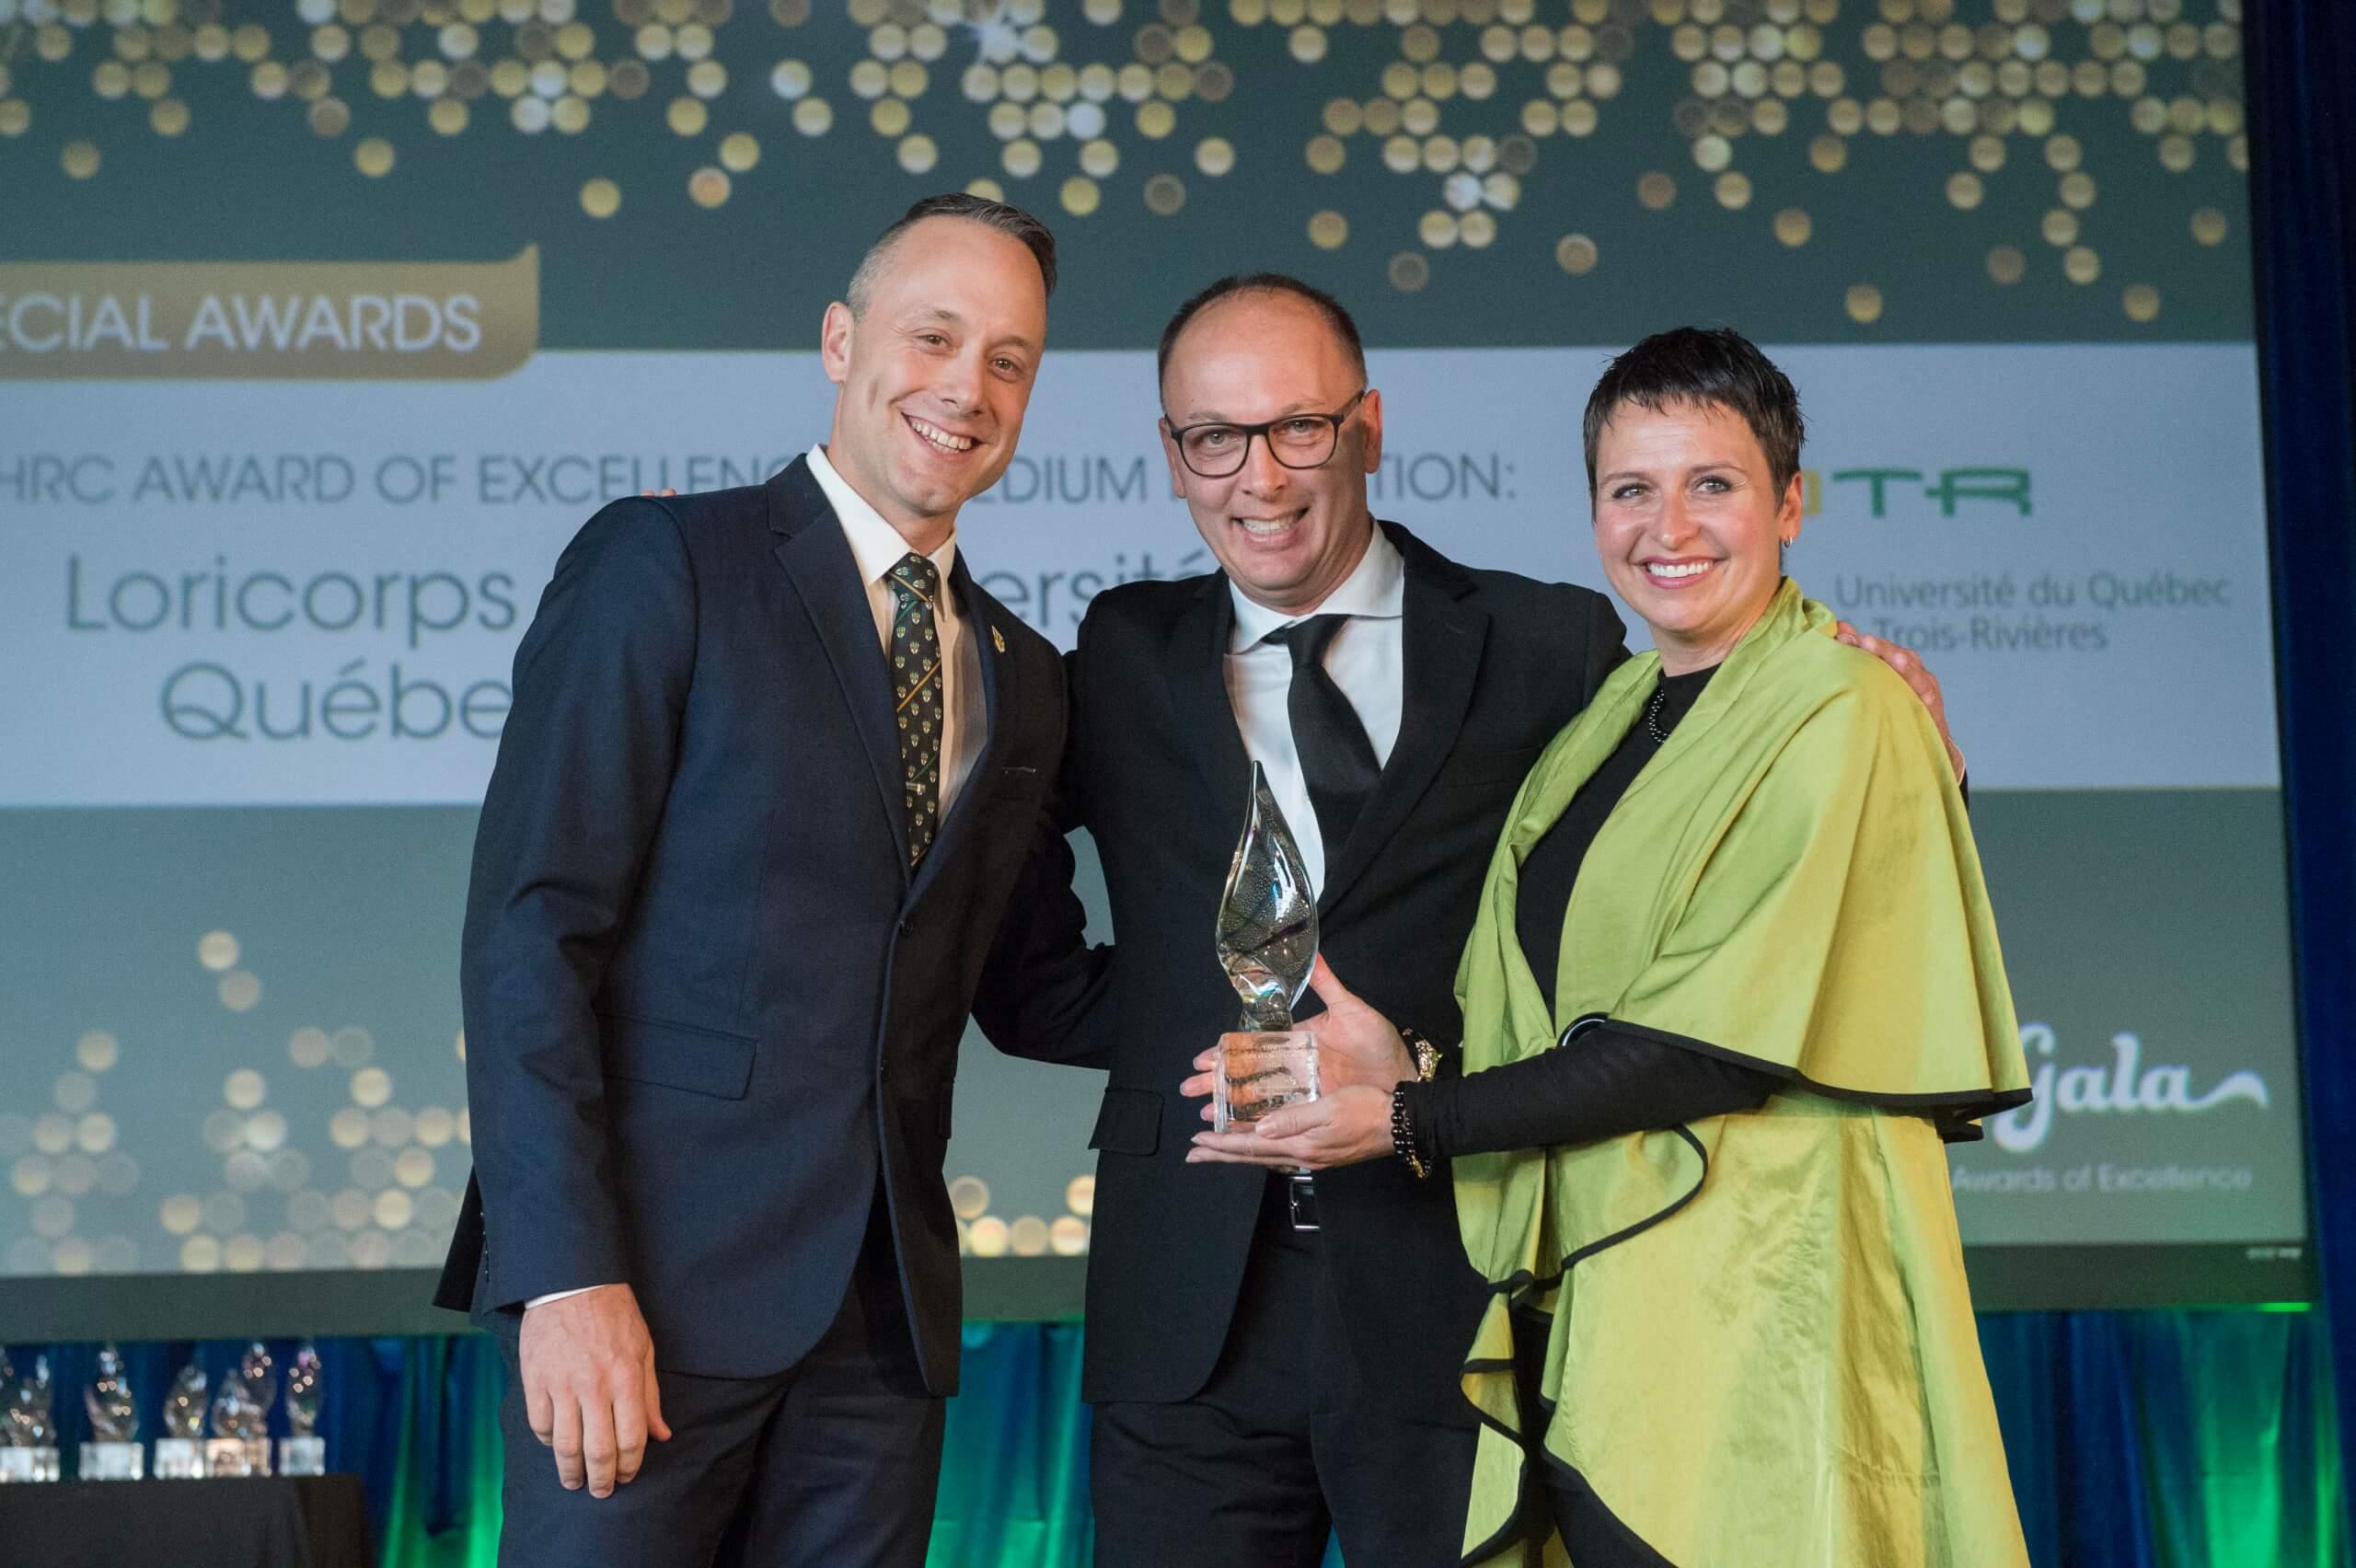 Le Loricorps remporte un prestigieux Prix d'excellence